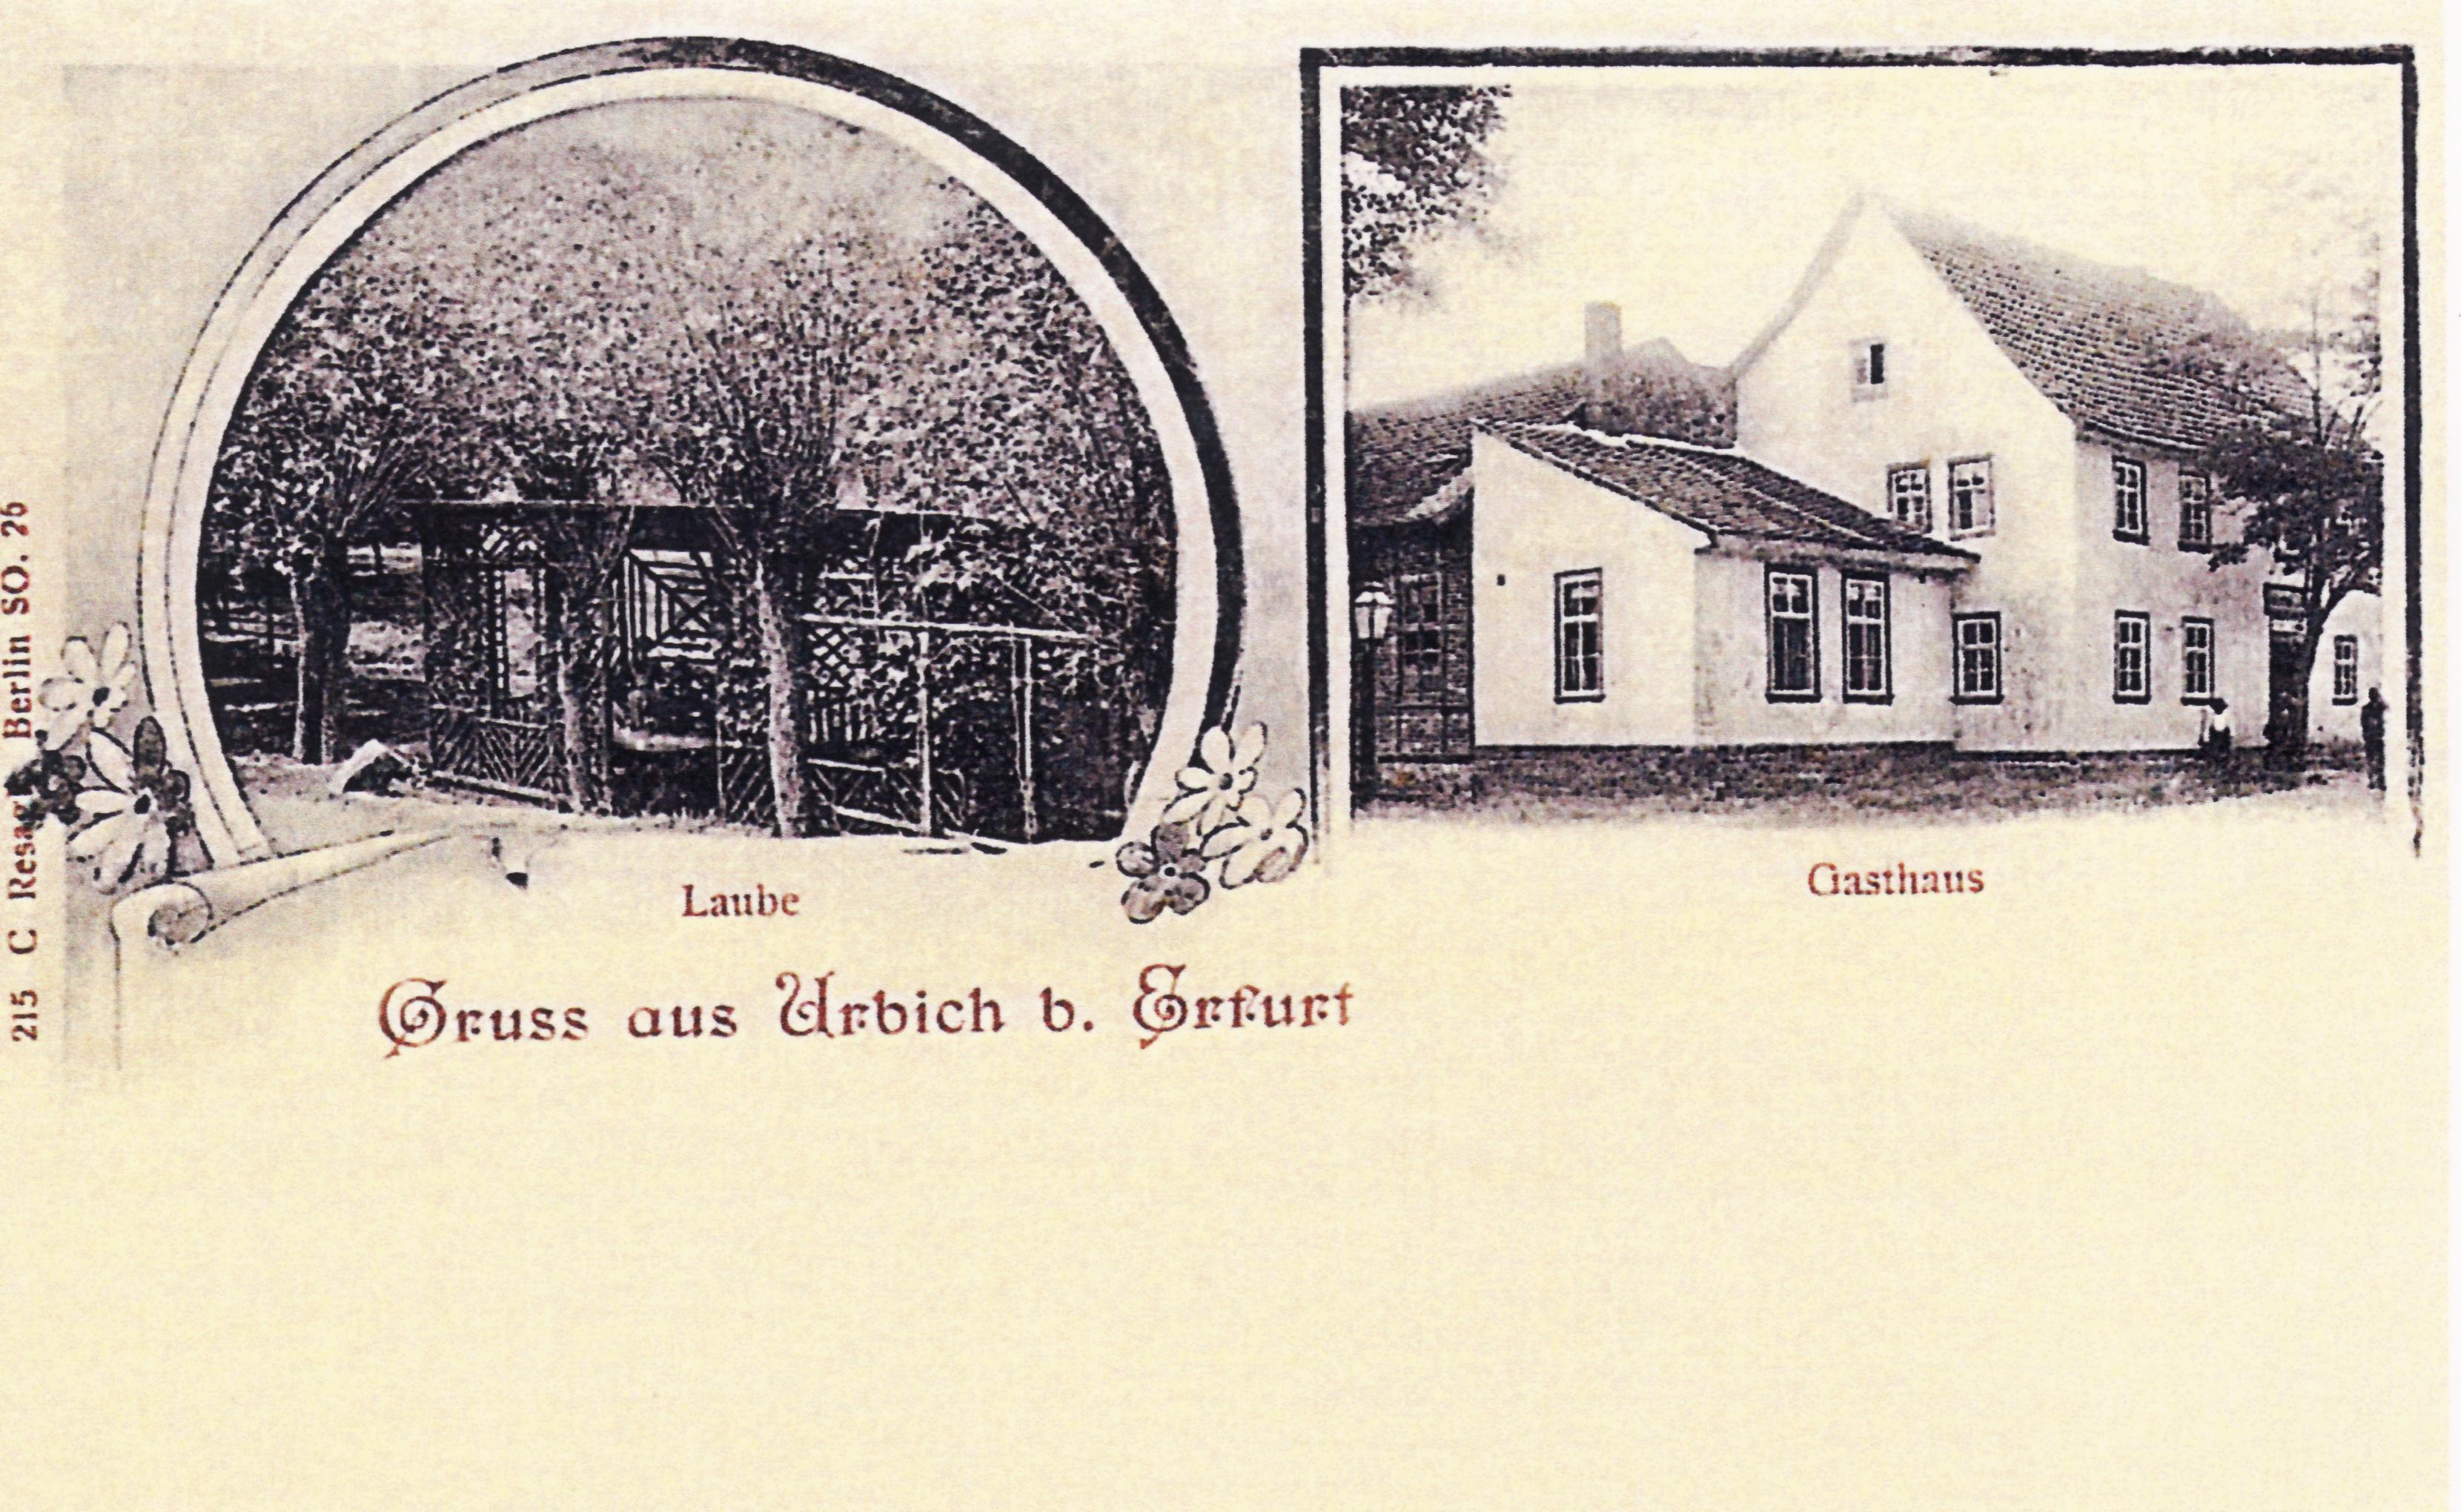 Erfurt Urbich Historische Fotos